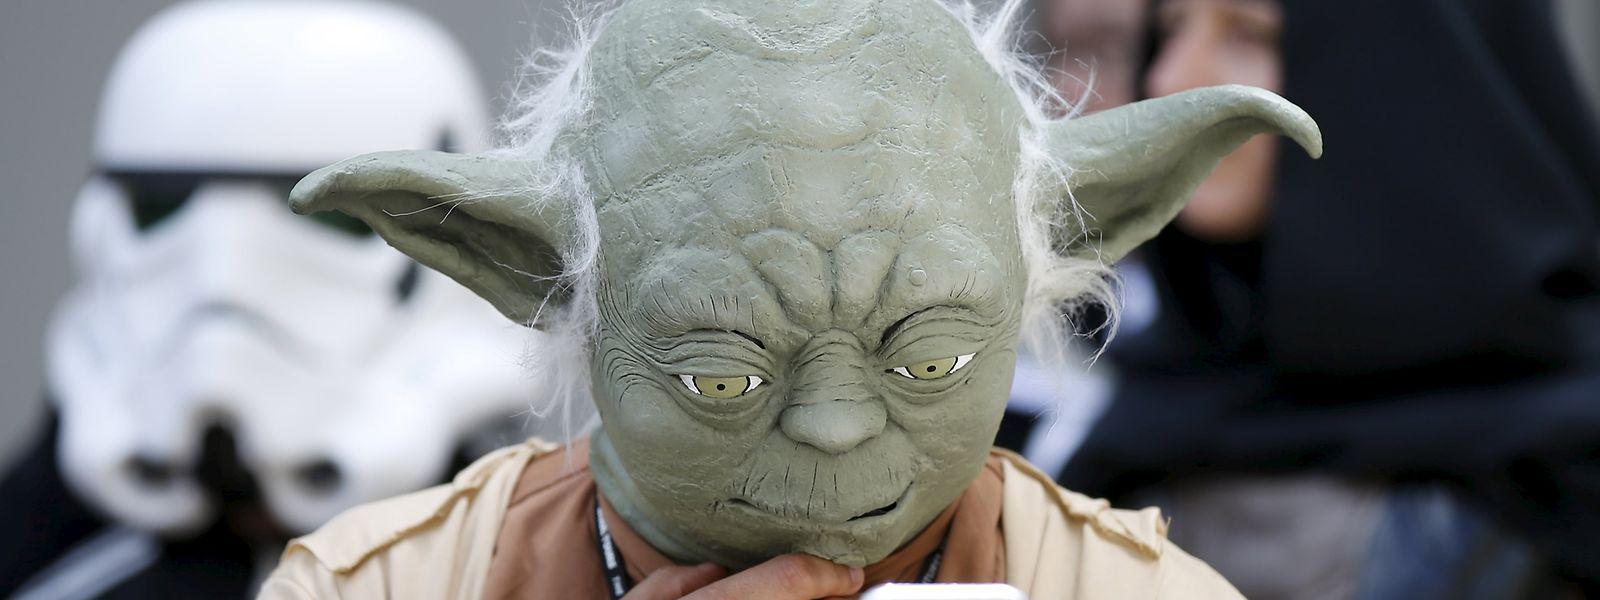 La plateforme a notamment l'exclusivité des films et déclinaisons de la saga Star Wars.